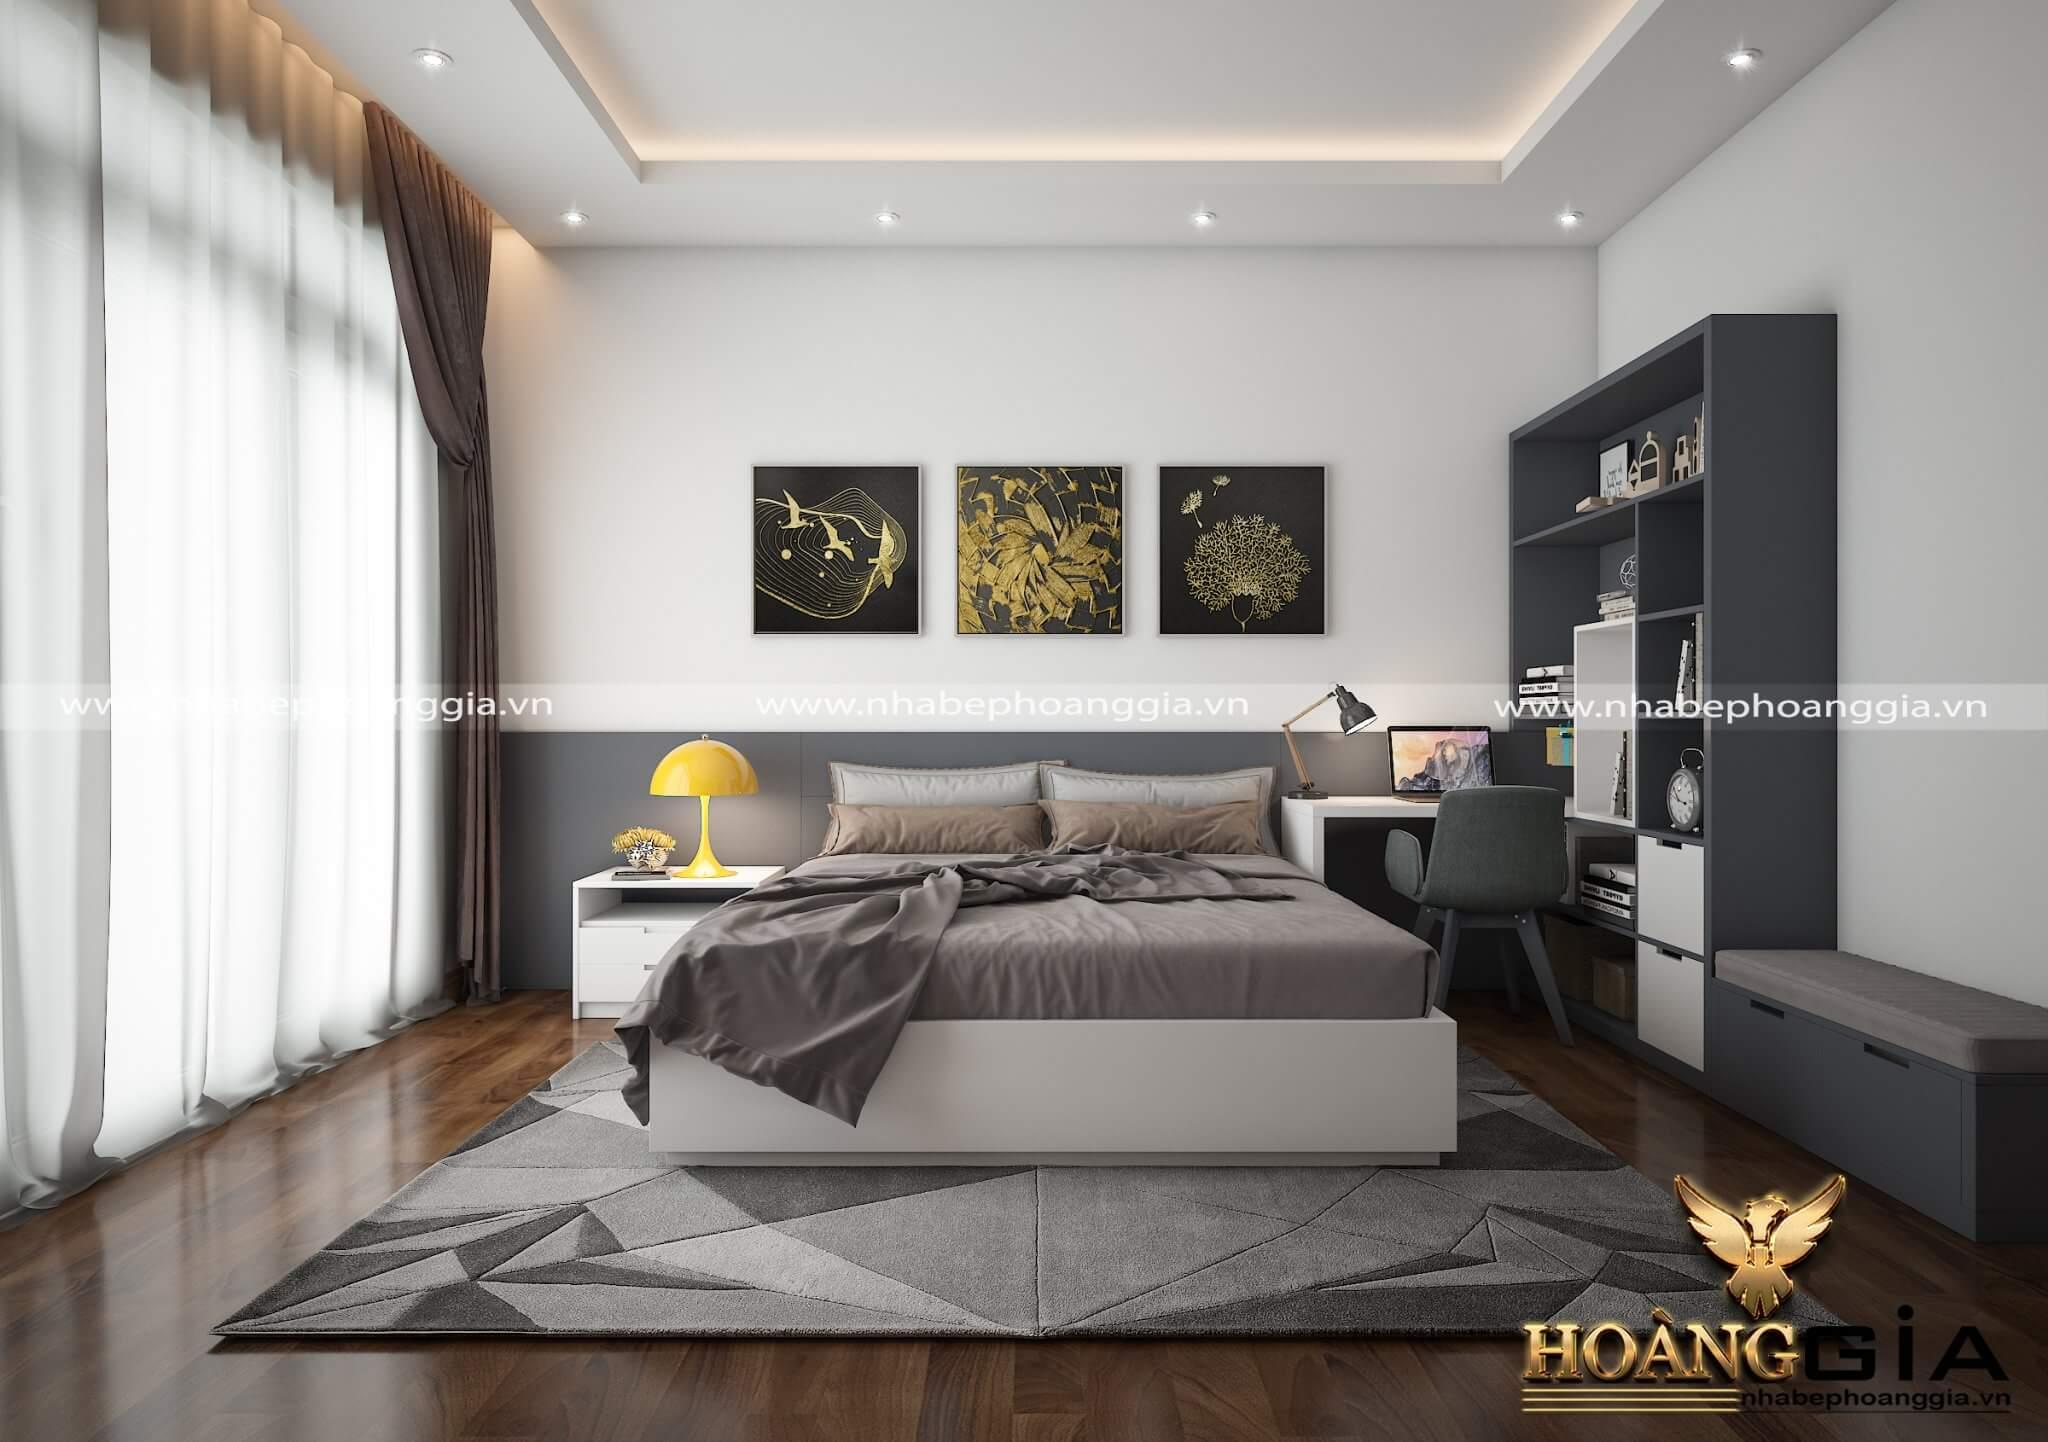 xu hướng thiết kế phòng ngủ 2019